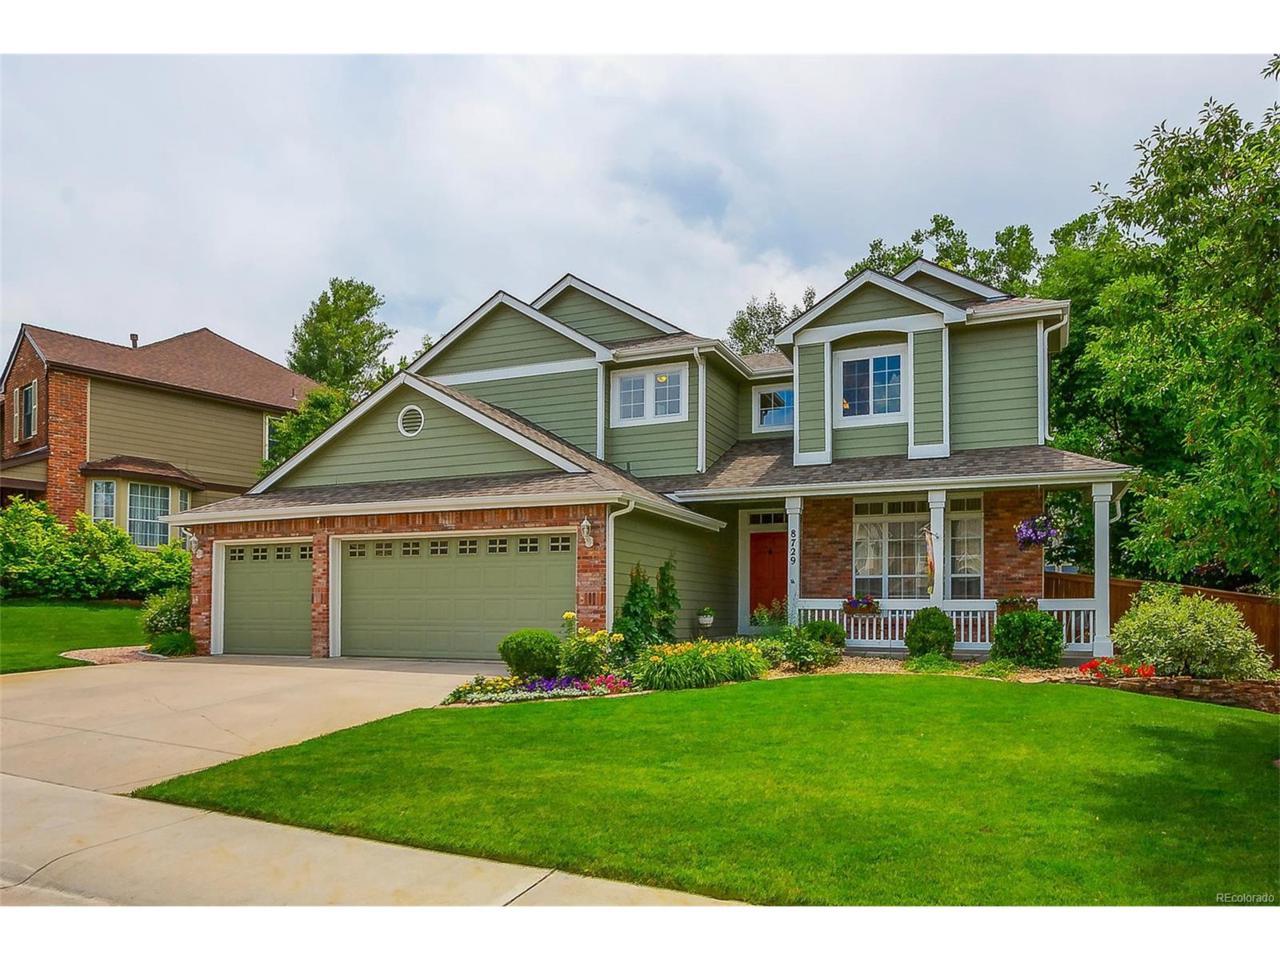 8729 Forrest Drive, Highlands Ranch, CO 80126 (MLS #1716120) :: 8z Real Estate